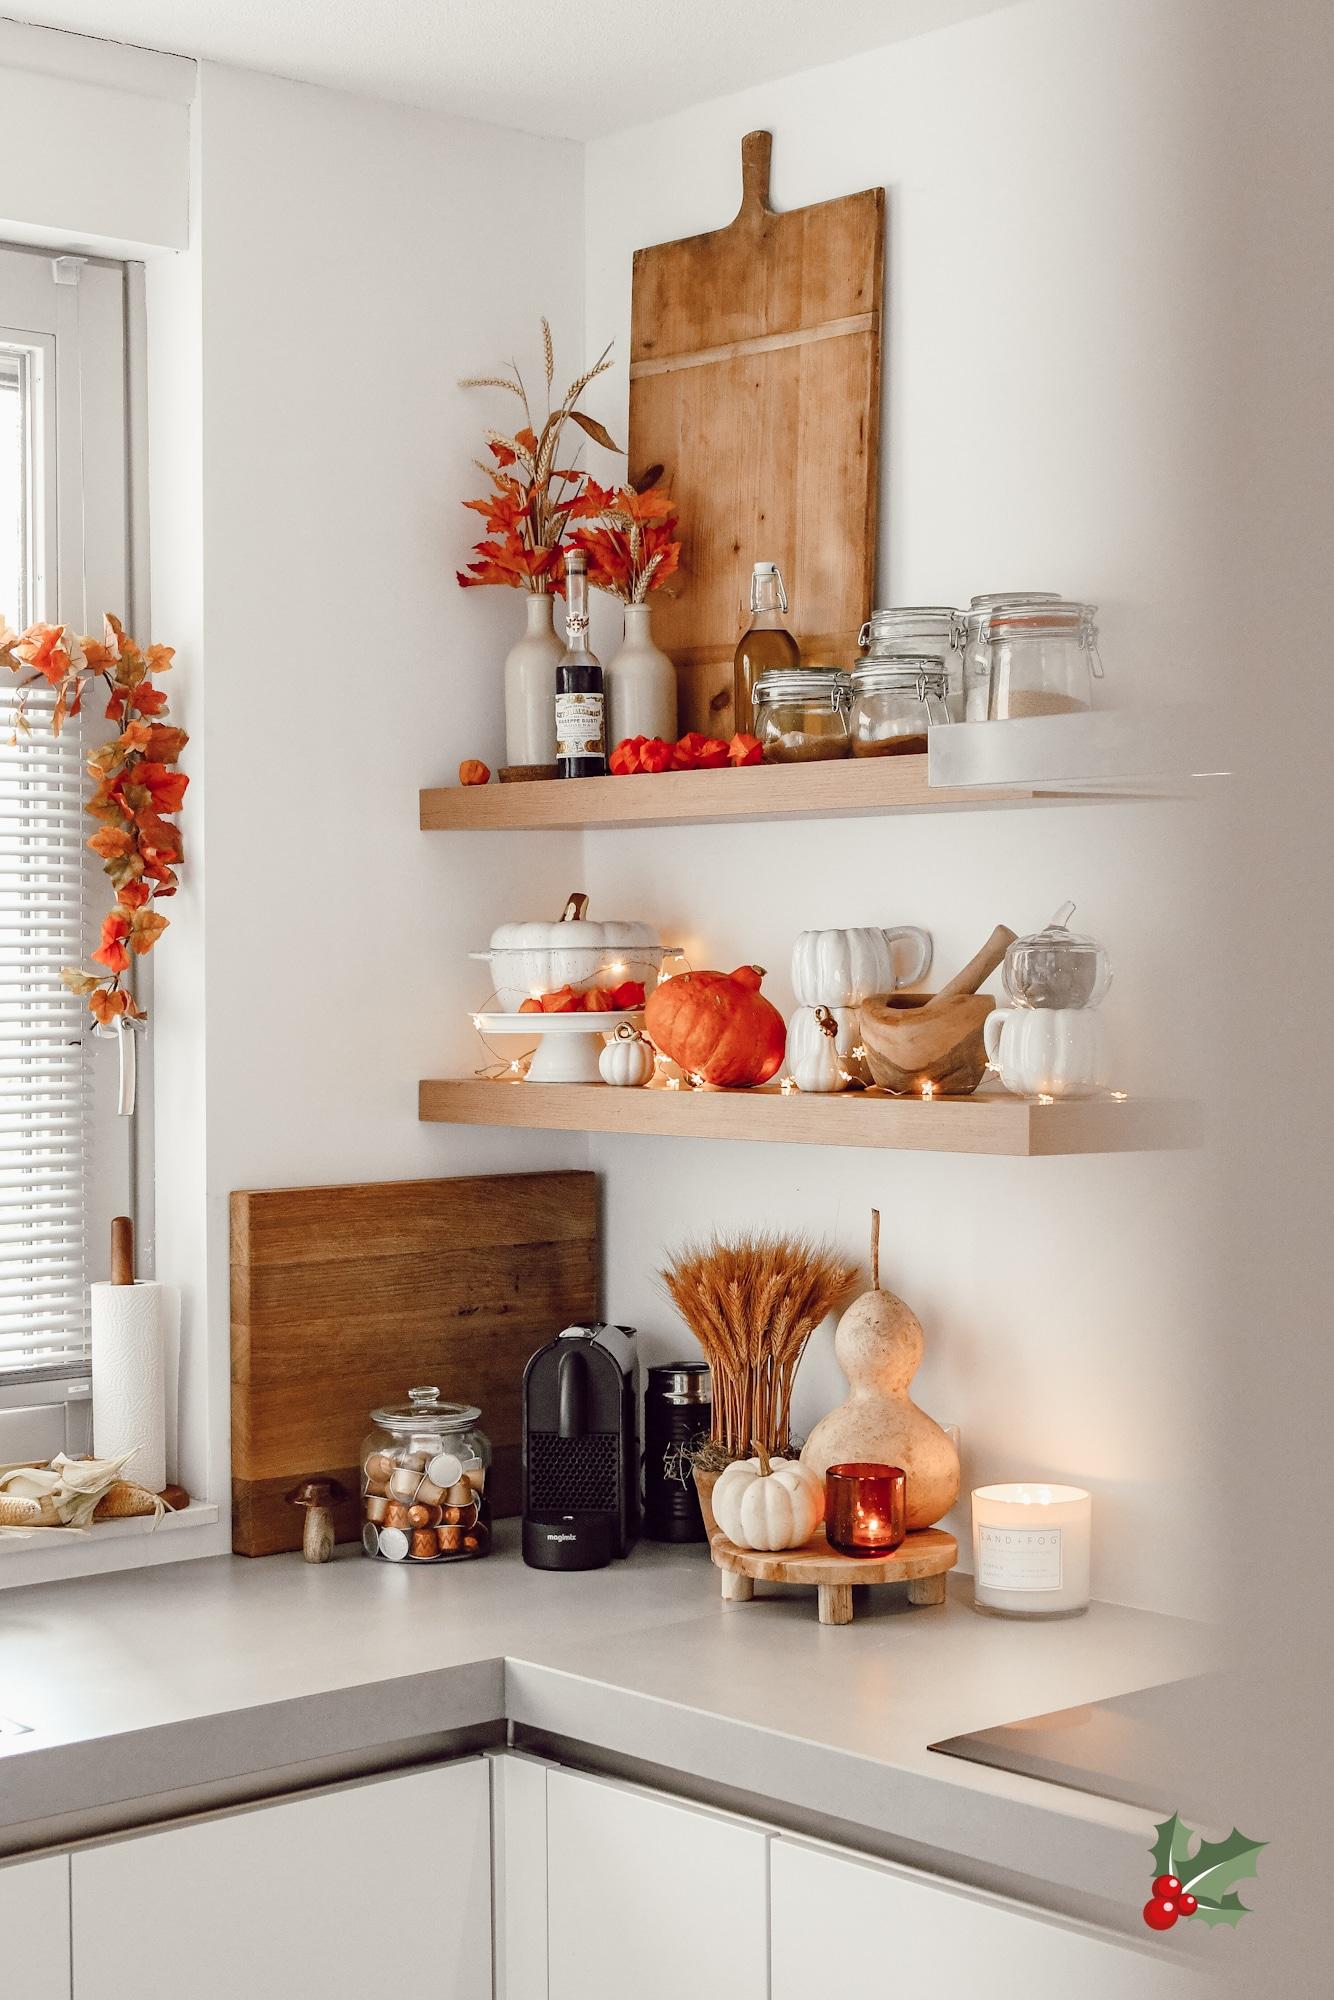 herfstdecoratie ideeën natuurljk & simpel